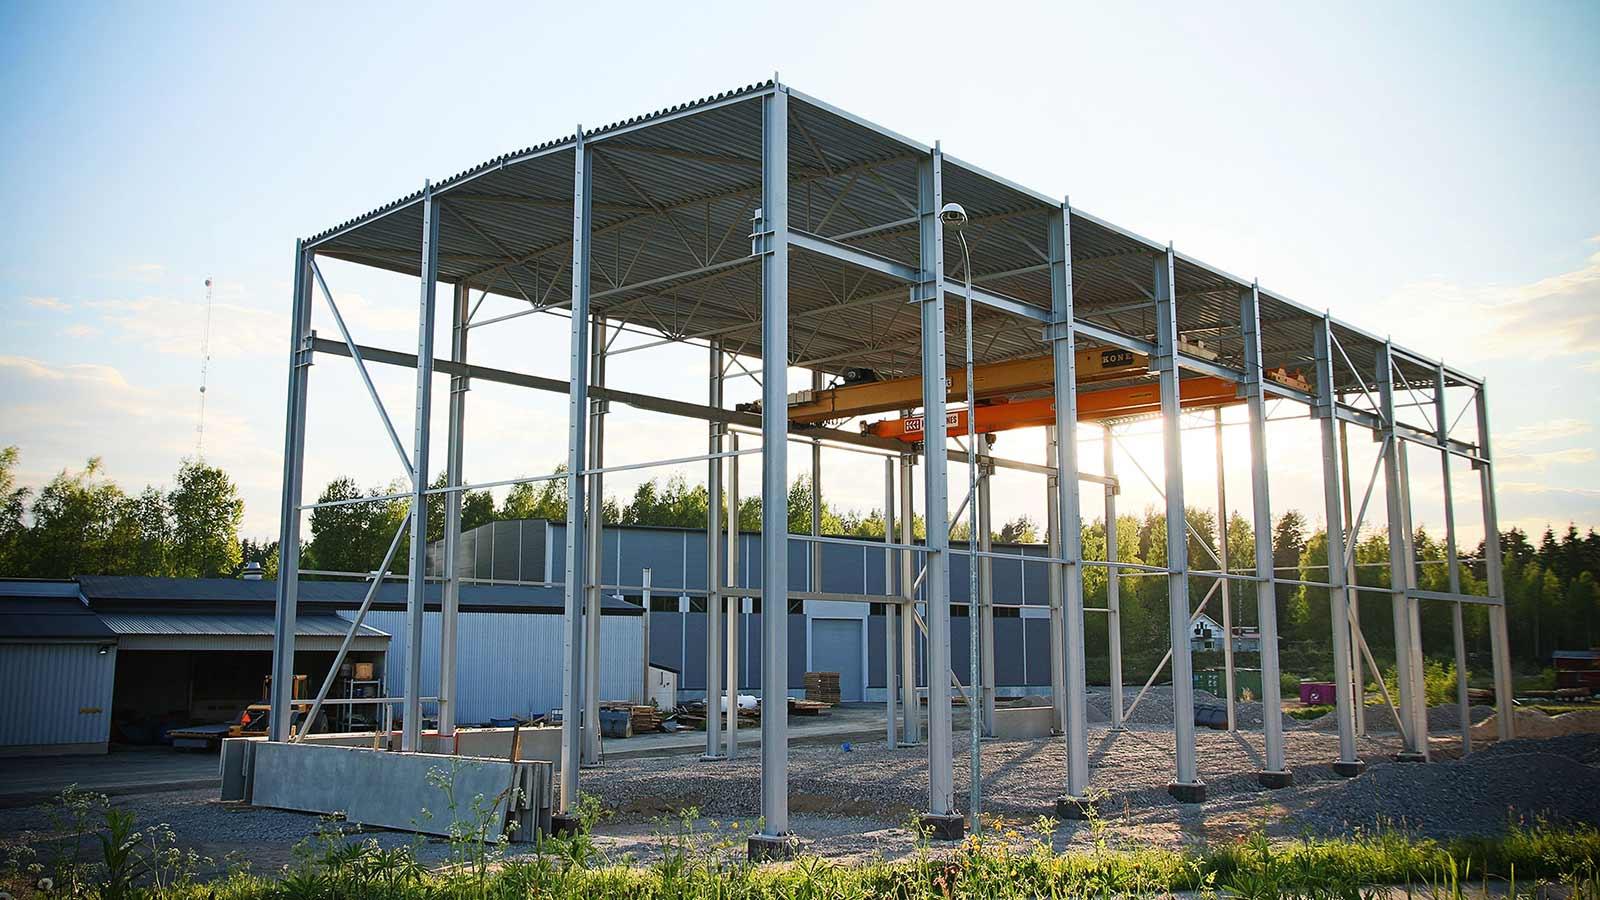 Trutec Oy tarjoaa teräsrakennetoimitukset vaativiinkiin kohteisiin: teräsrakenteet, WQ-palkit, liittopilarit, teräsristikot, terässiteet. Palosuojamaalaus / pilarit betonieristettynä tarpeen mukaan.